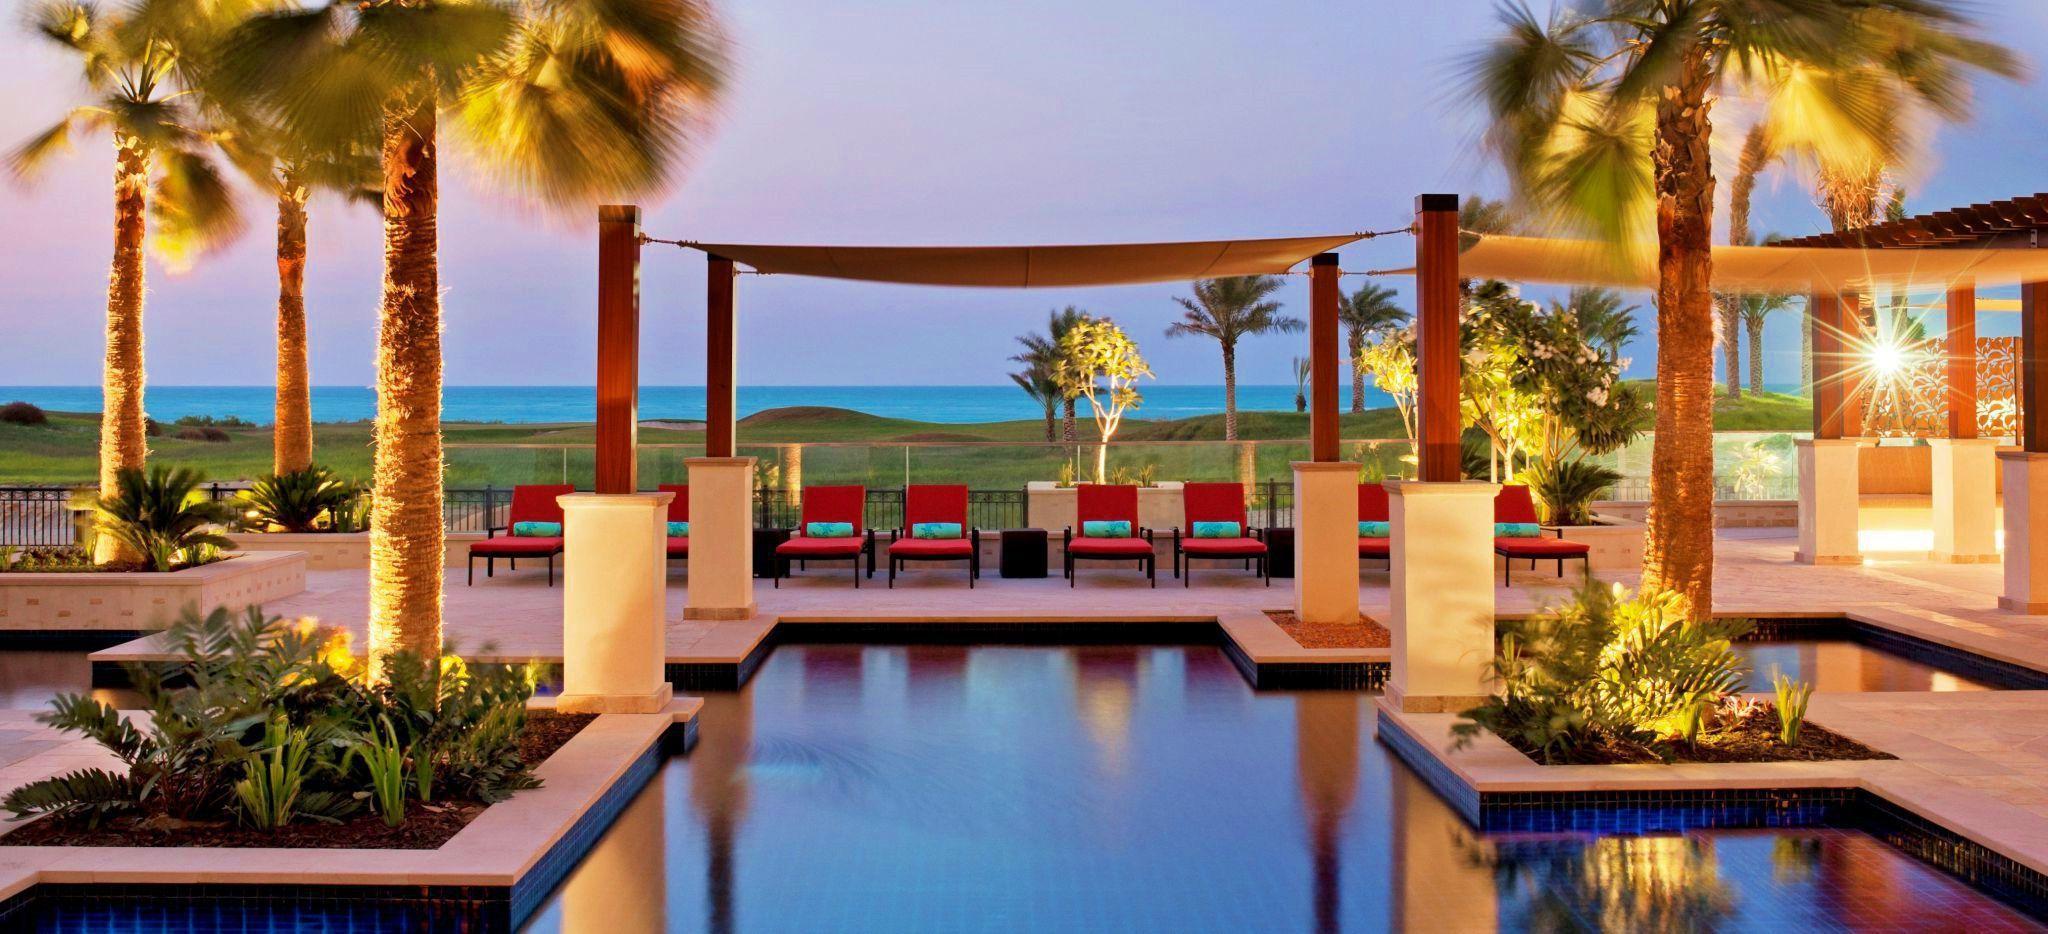 Der Pool des St. Regis Saadiyat Island Hotel. Dahinter eine Lounge sowie der Golfplatz und das Meer. Hell erleuchtet am Abend.